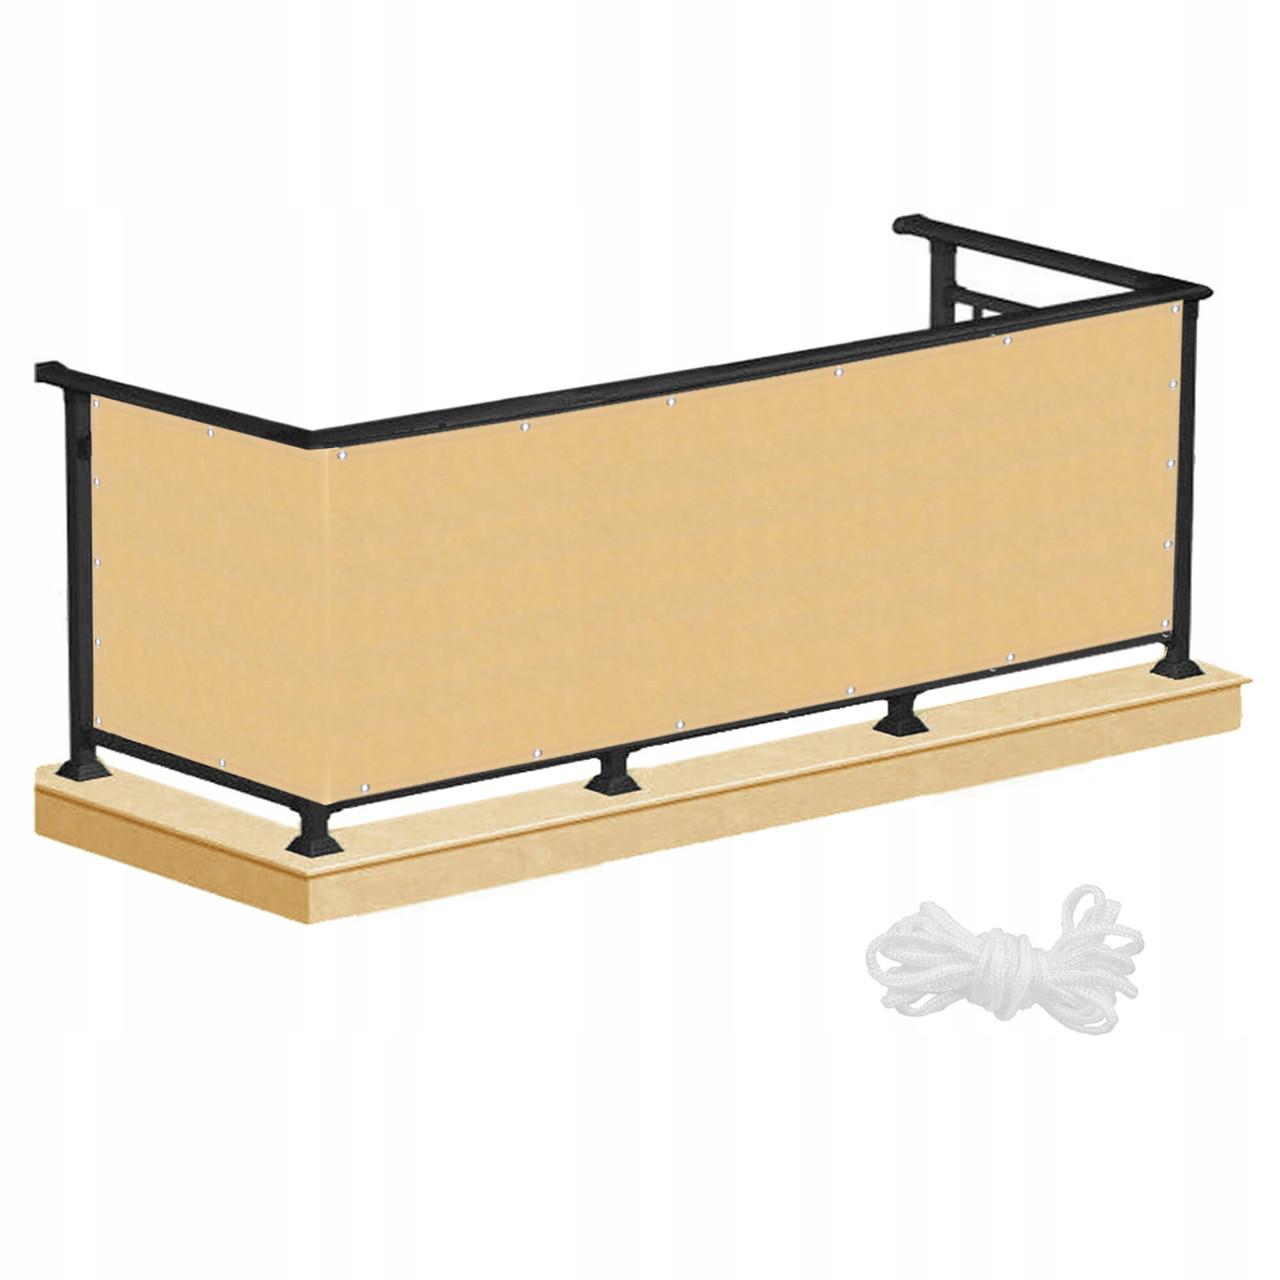 Ширма для балкона (балконний завісу) Springos 0.8 x 5 м BN1015 Biege